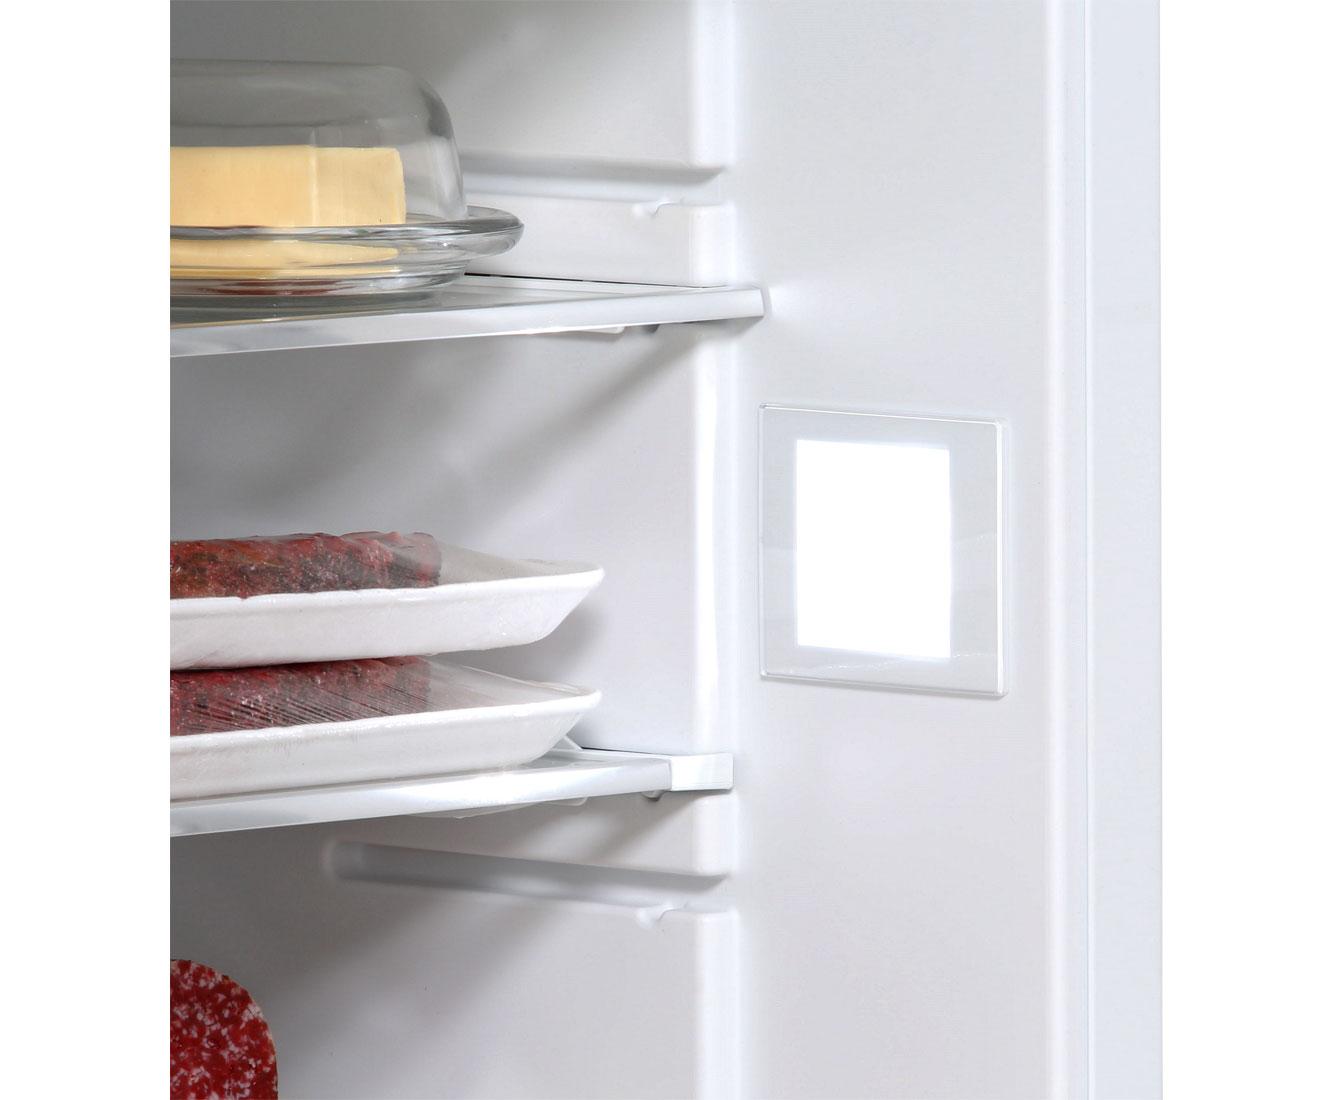 Bosch Kühlschrank Temperatureinstellung : Bosch kühlschrank temperatureinstellung bosch kühlschrank friert